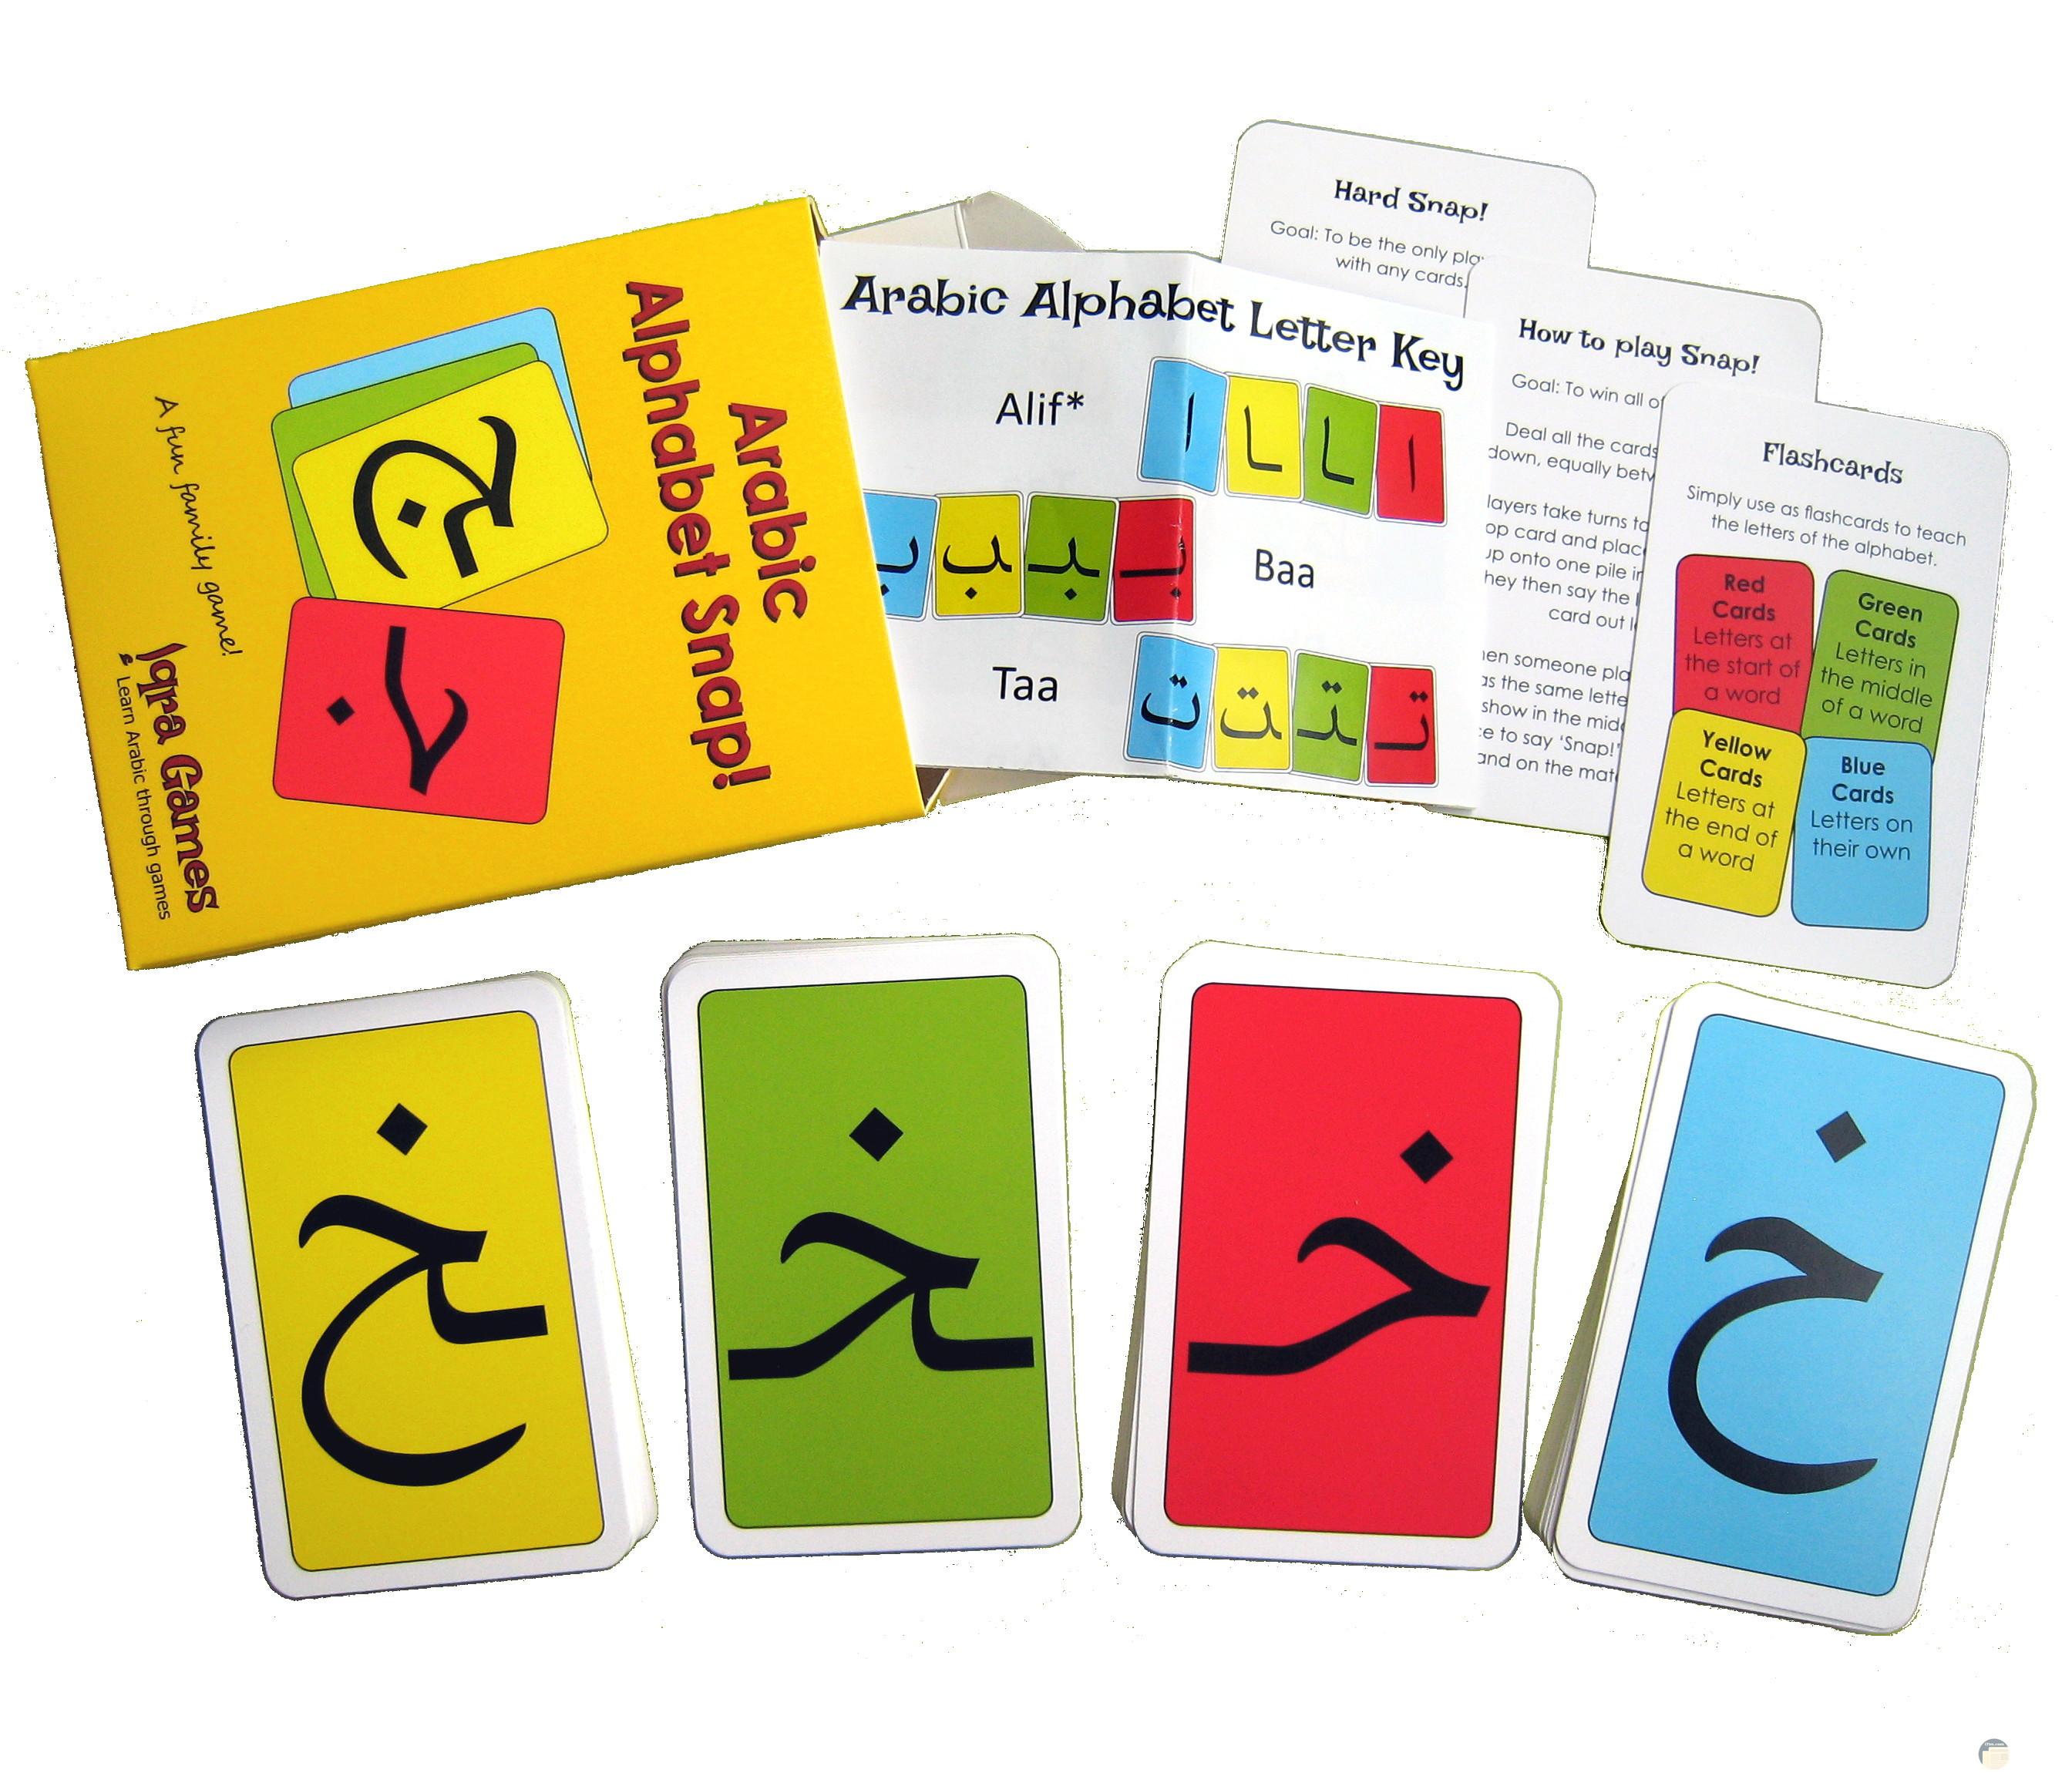 لعبة الحروف العربية على الكروت